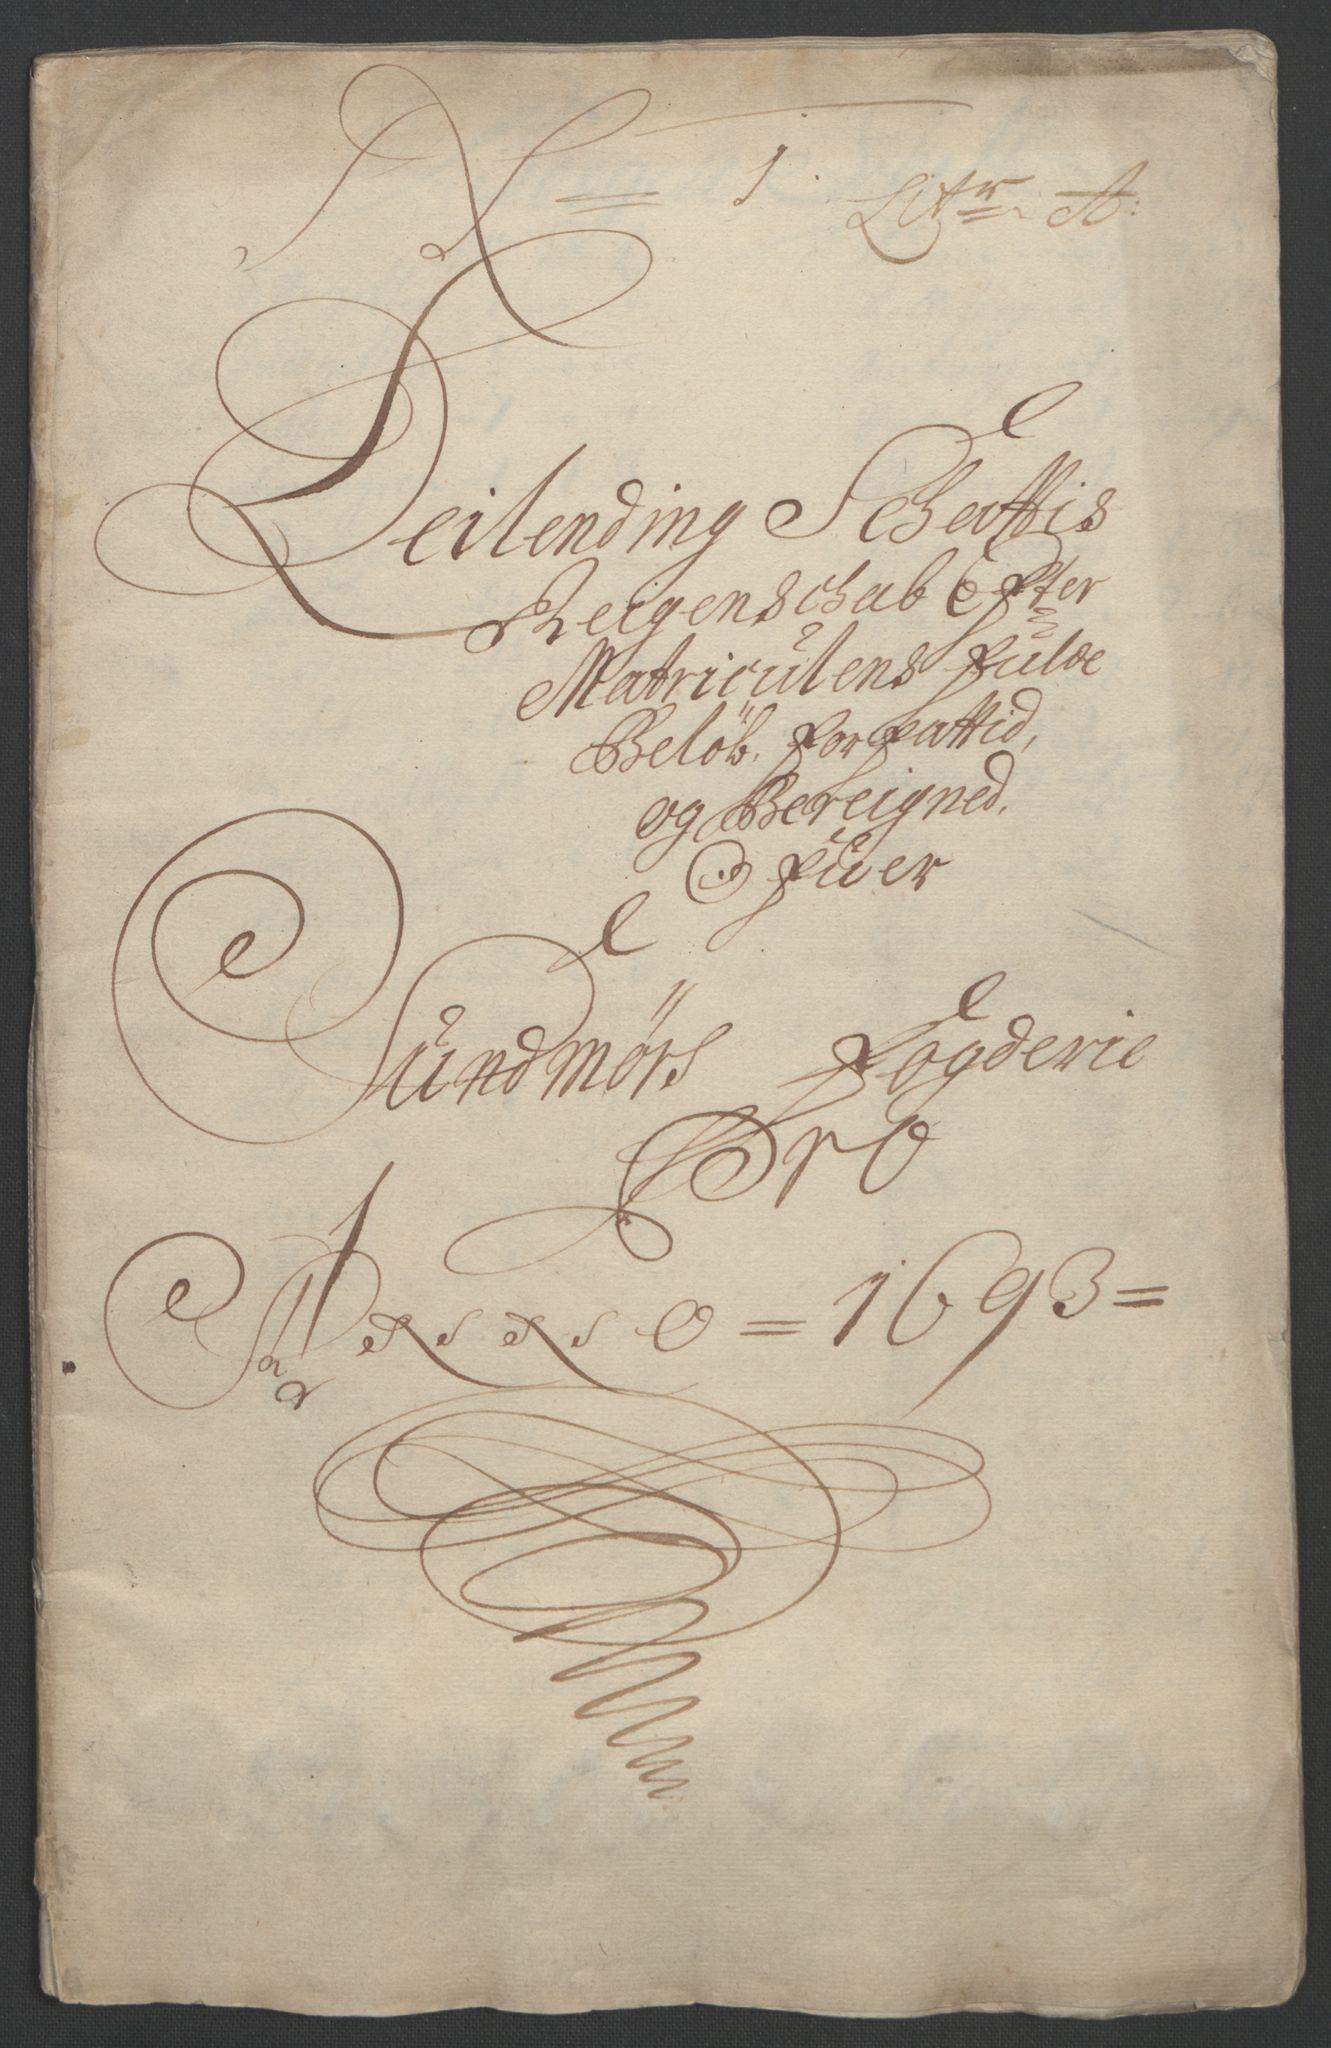 RA, Rentekammeret inntil 1814, Reviderte regnskaper, Fogderegnskap, R54/L3554: Fogderegnskap Sunnmøre, 1691-1693, s. 355